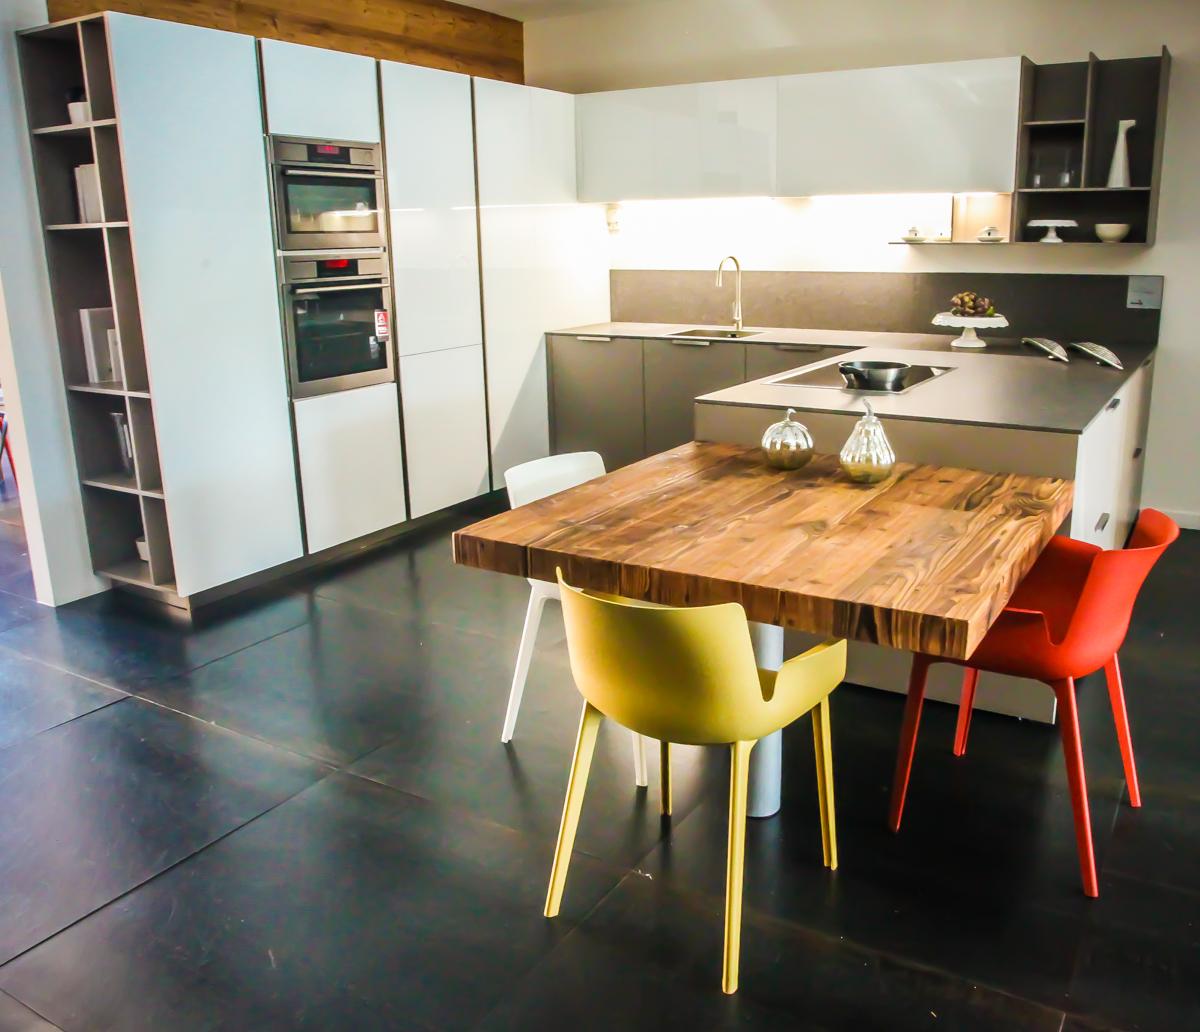 Cuisine prix r duit kubic de euromobil casa pi - Casa piu arredamenti ...